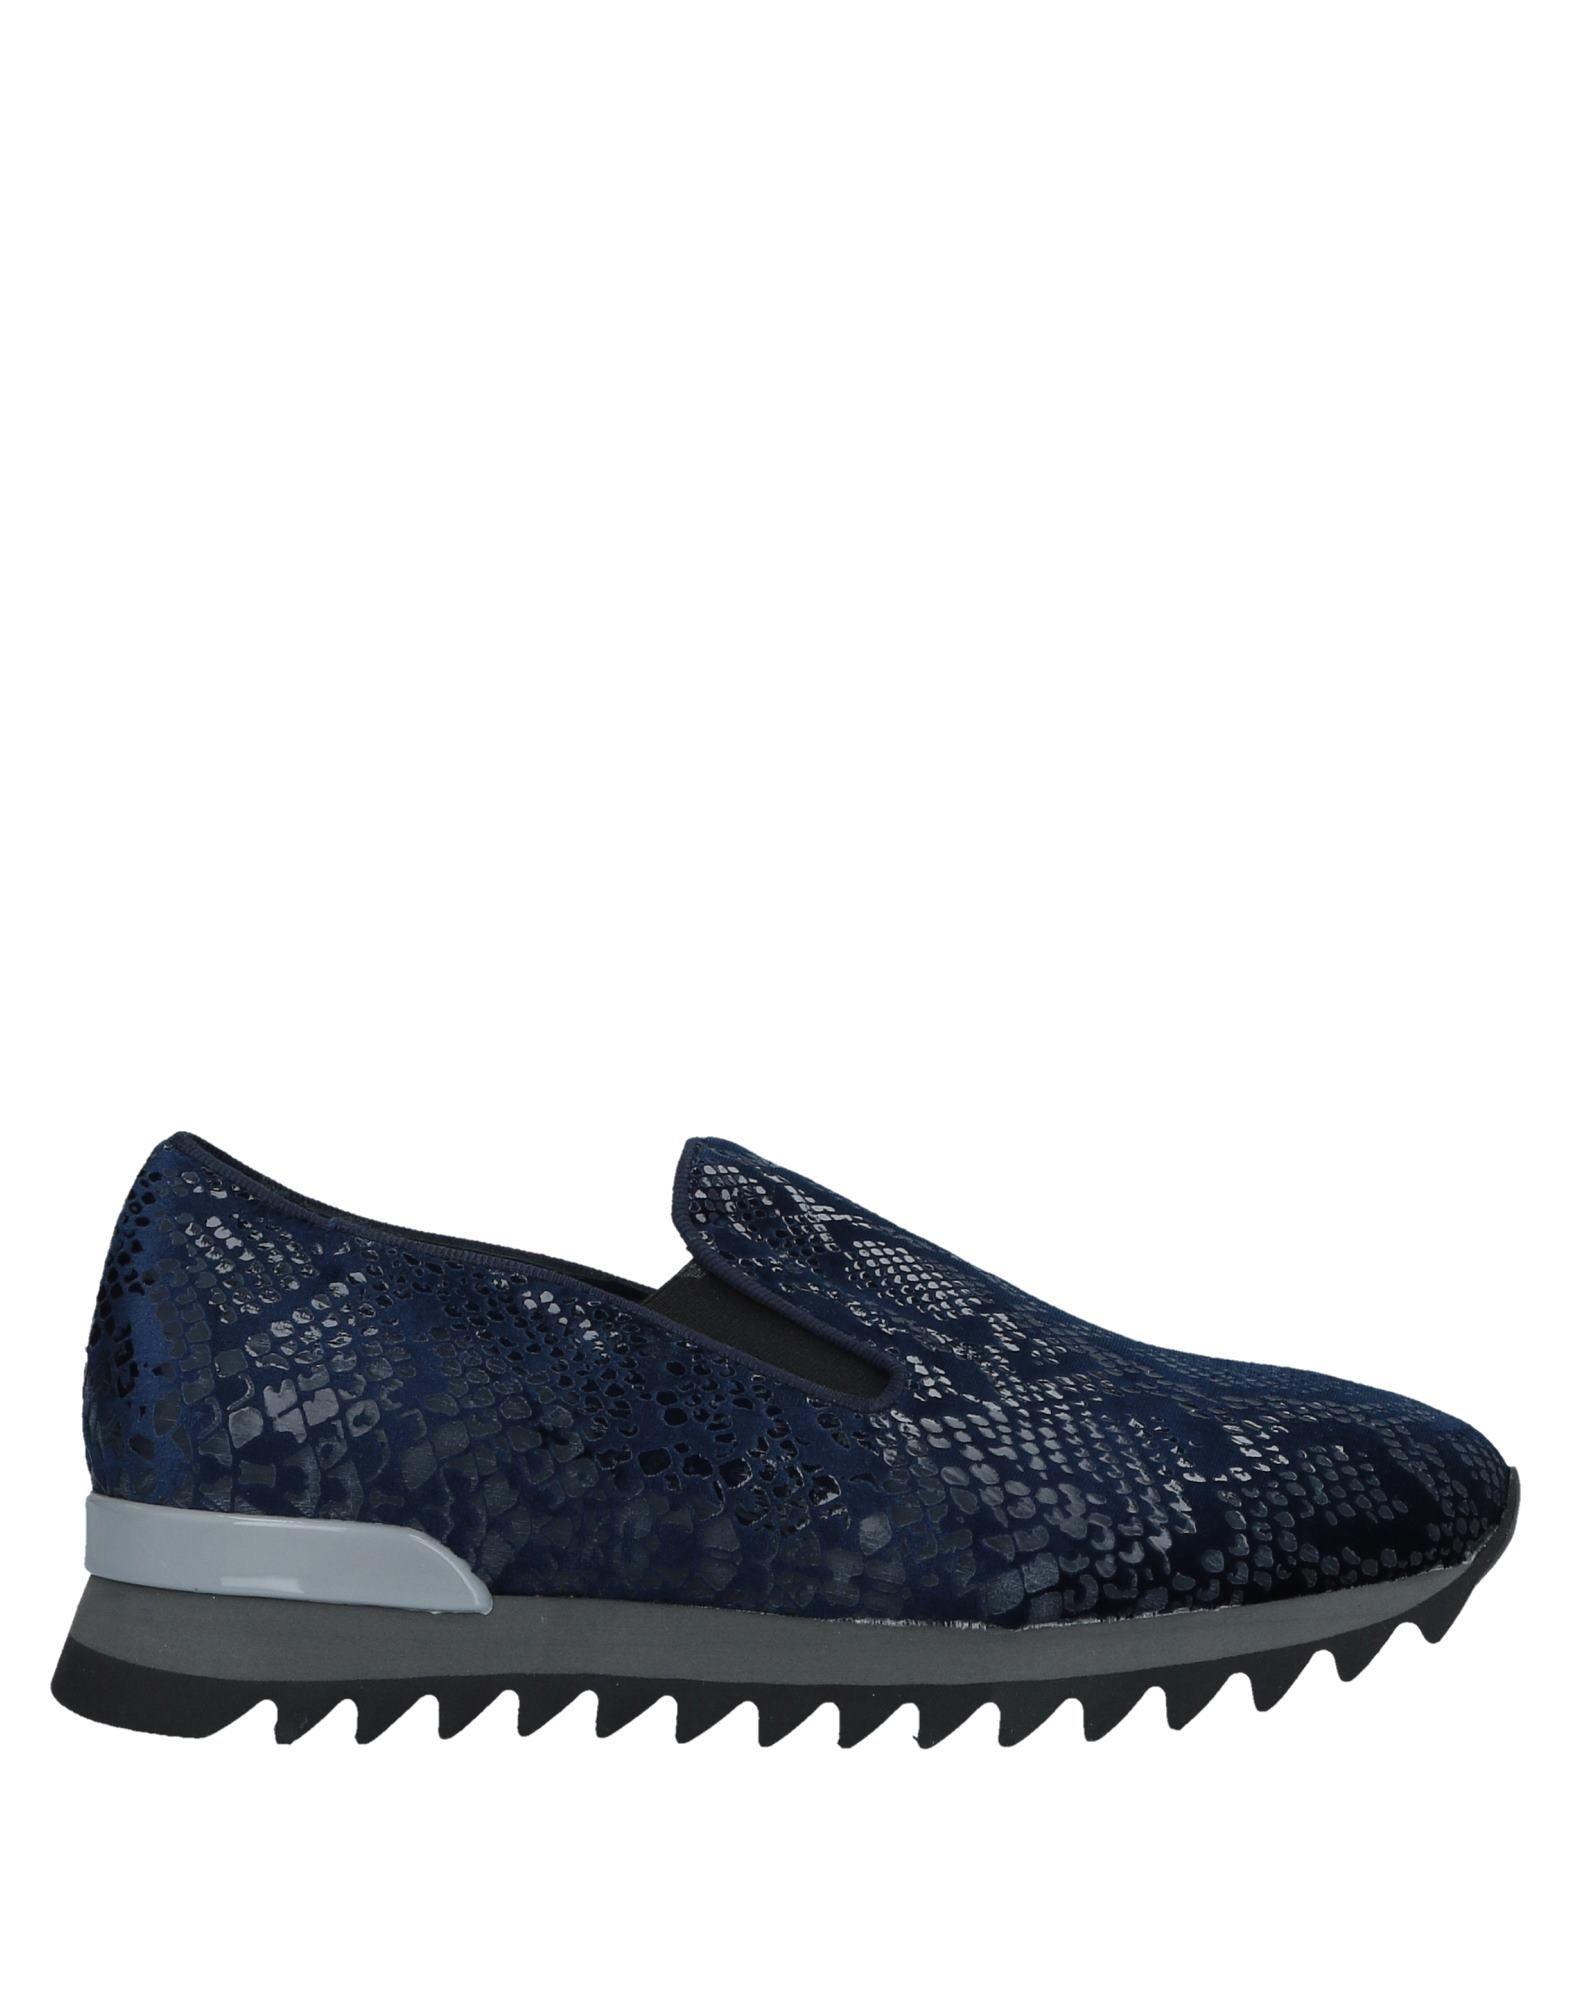 Baskets Le Ble Femme - Baskets Le Ble Noir Nouvelles chaussures pour hommes et femmes, remise limitée dans le temps